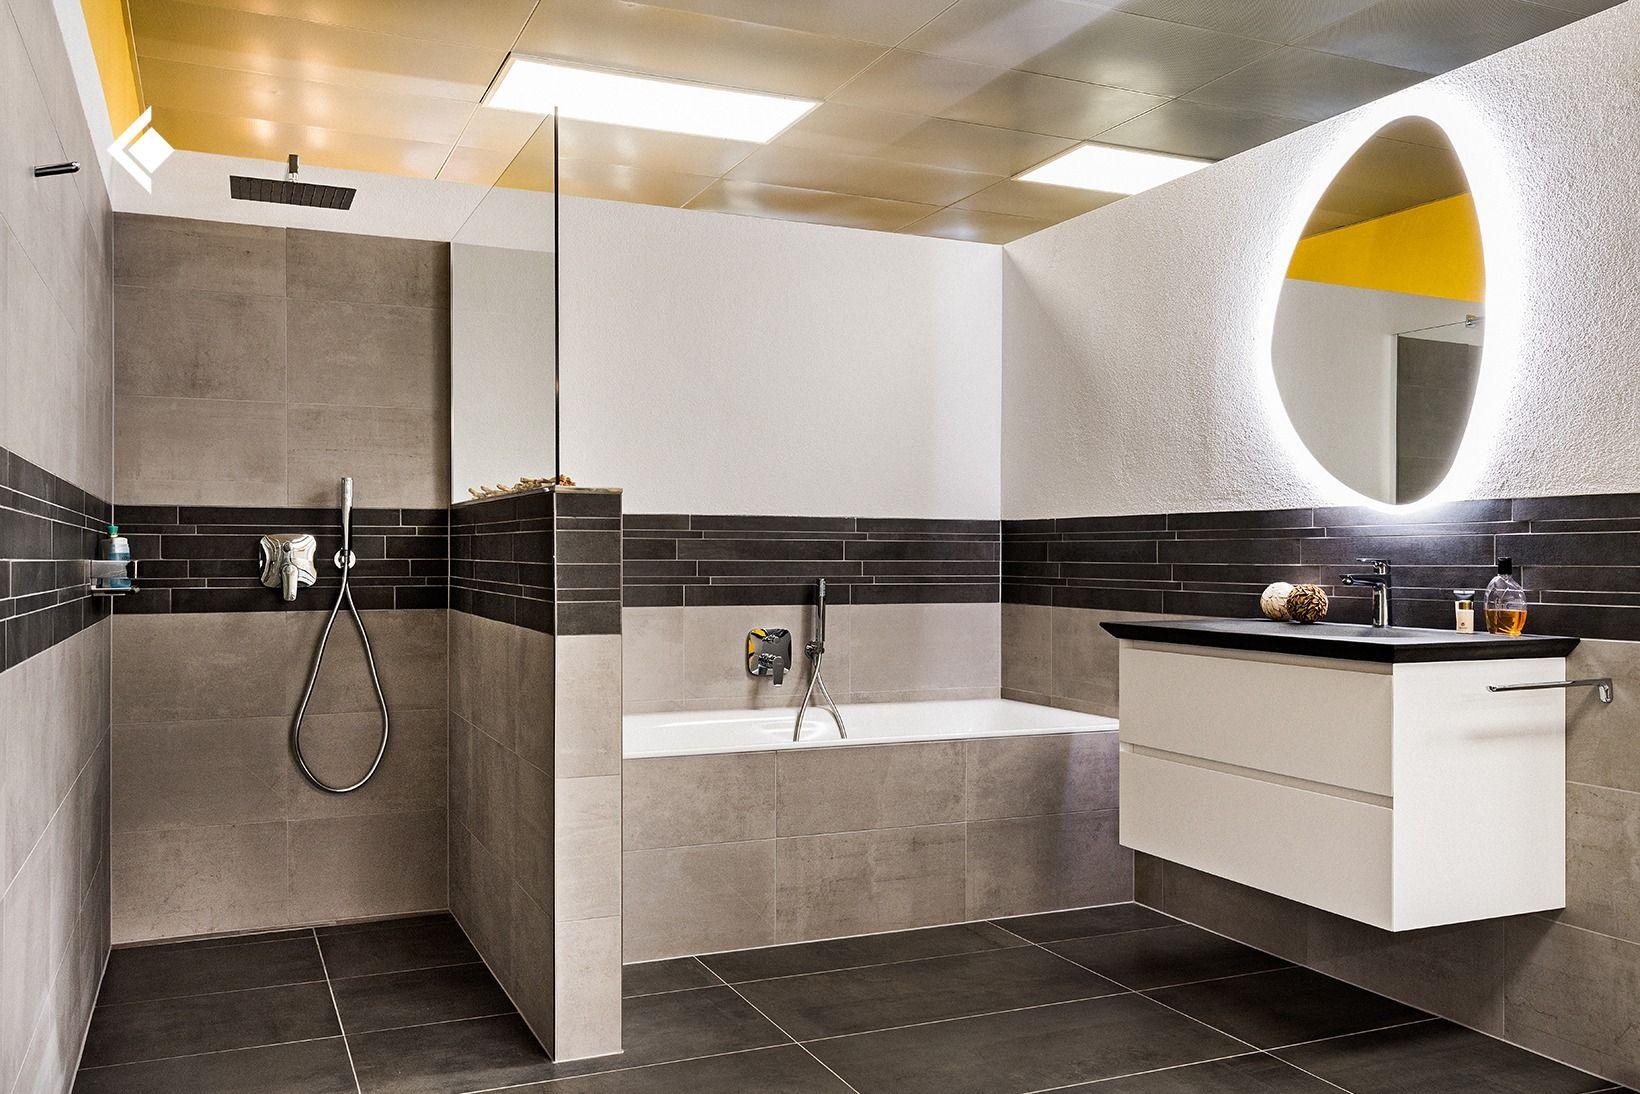 Badezimmer Mit Gemauerter Dusche Badezimmer Gemauerte Dusche Badezimmer Braun